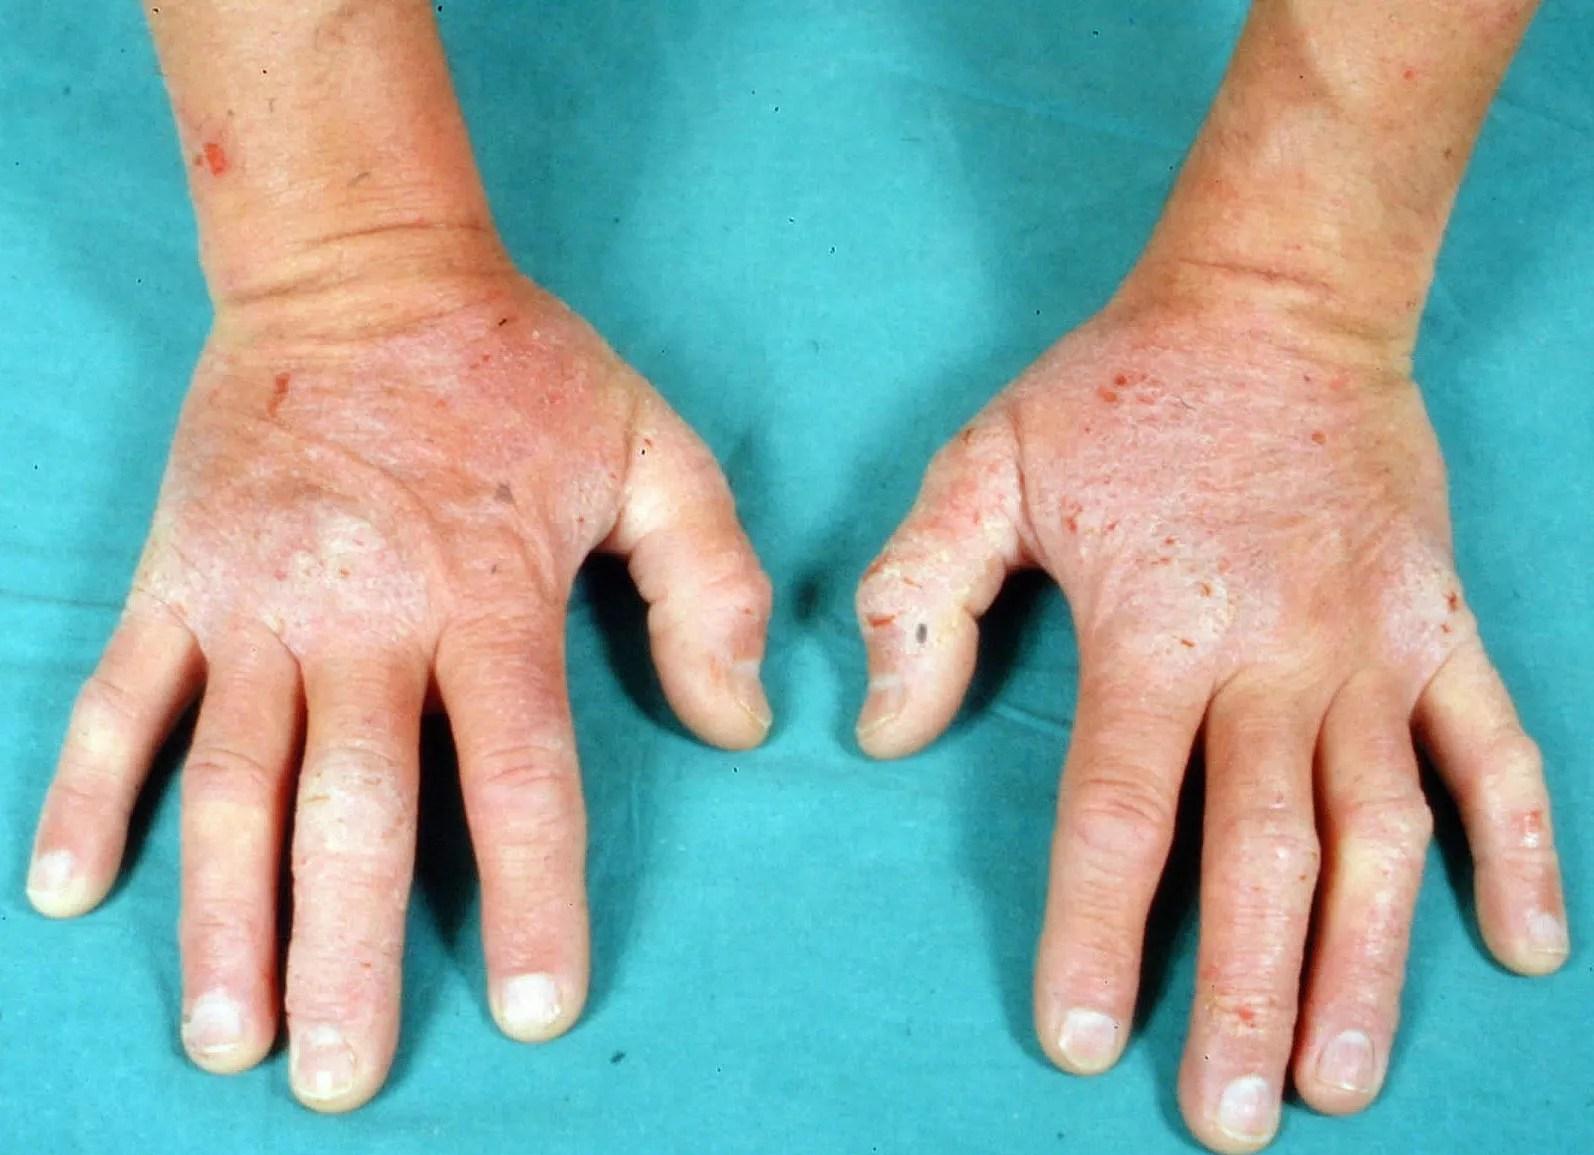 dermatitis herpetiformis on hands